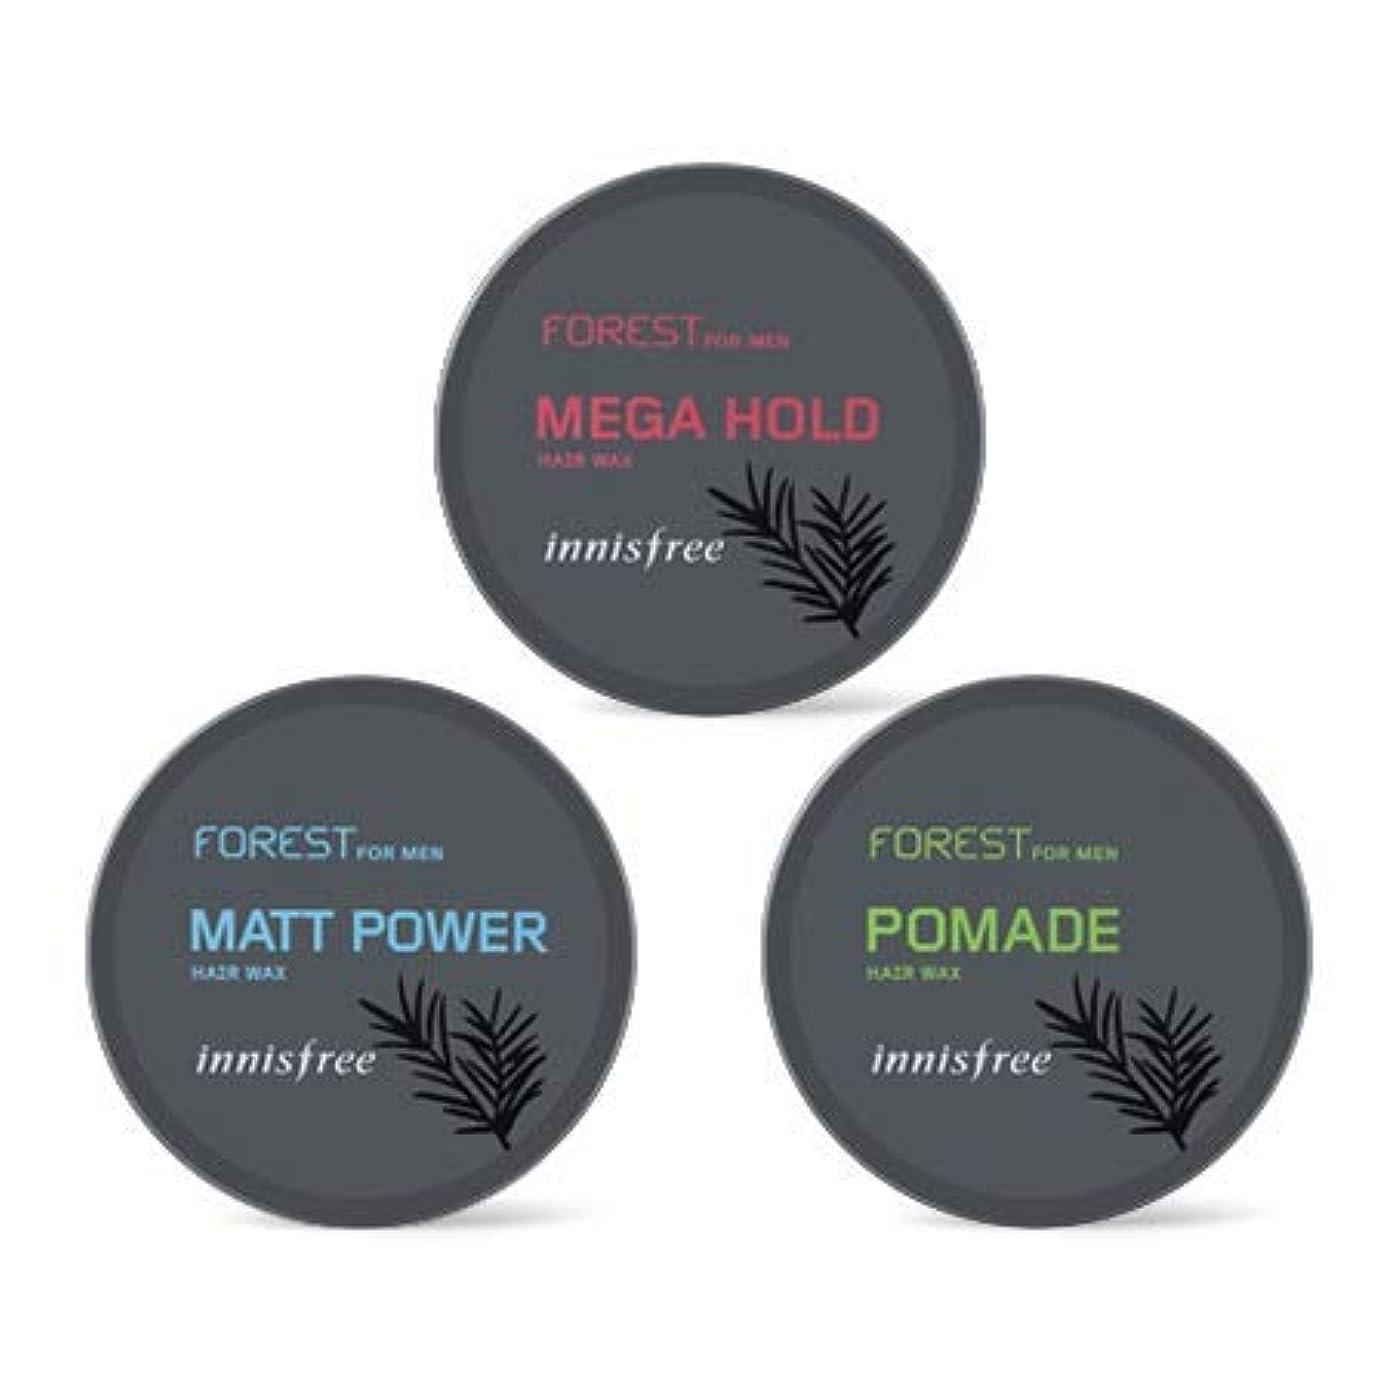 気候の山出会いマウント[イニスフリー.INNISFREE](公式)フォレストフォアマンヘアワックス(3種)/ Forest For Men Hair Wax(60G、3 kind) (# mega hold)